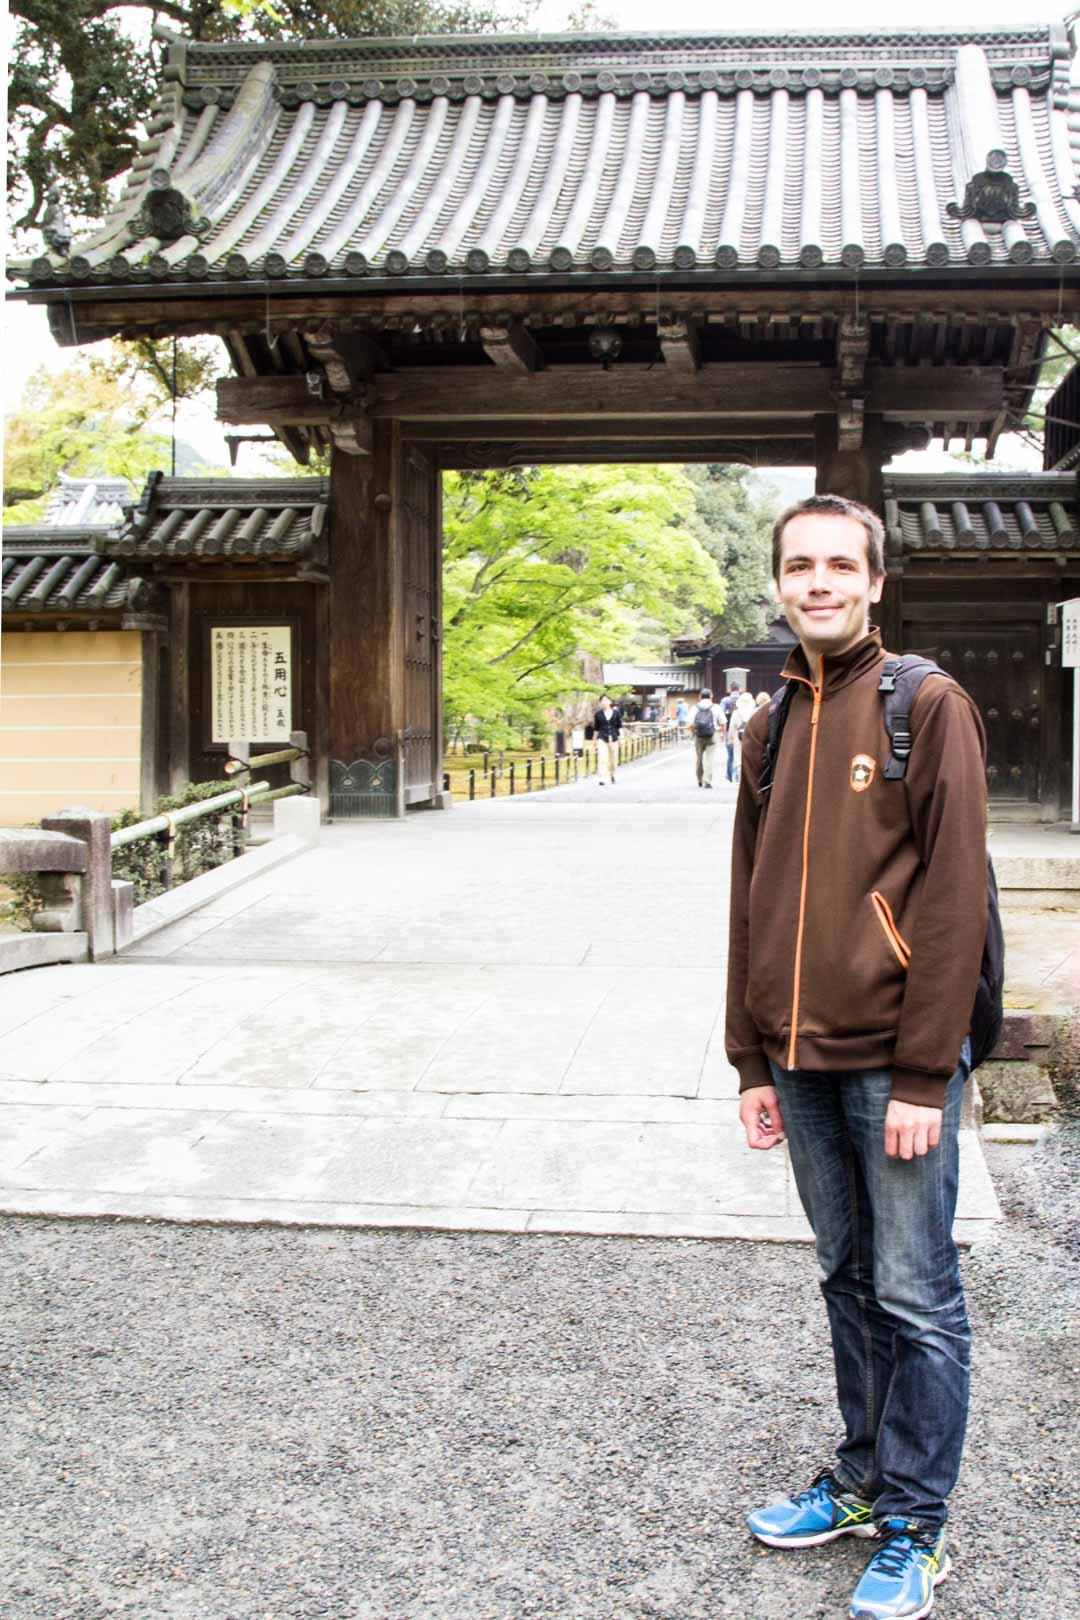 Ryoan-ji temppeli Kiotossa Japanissa